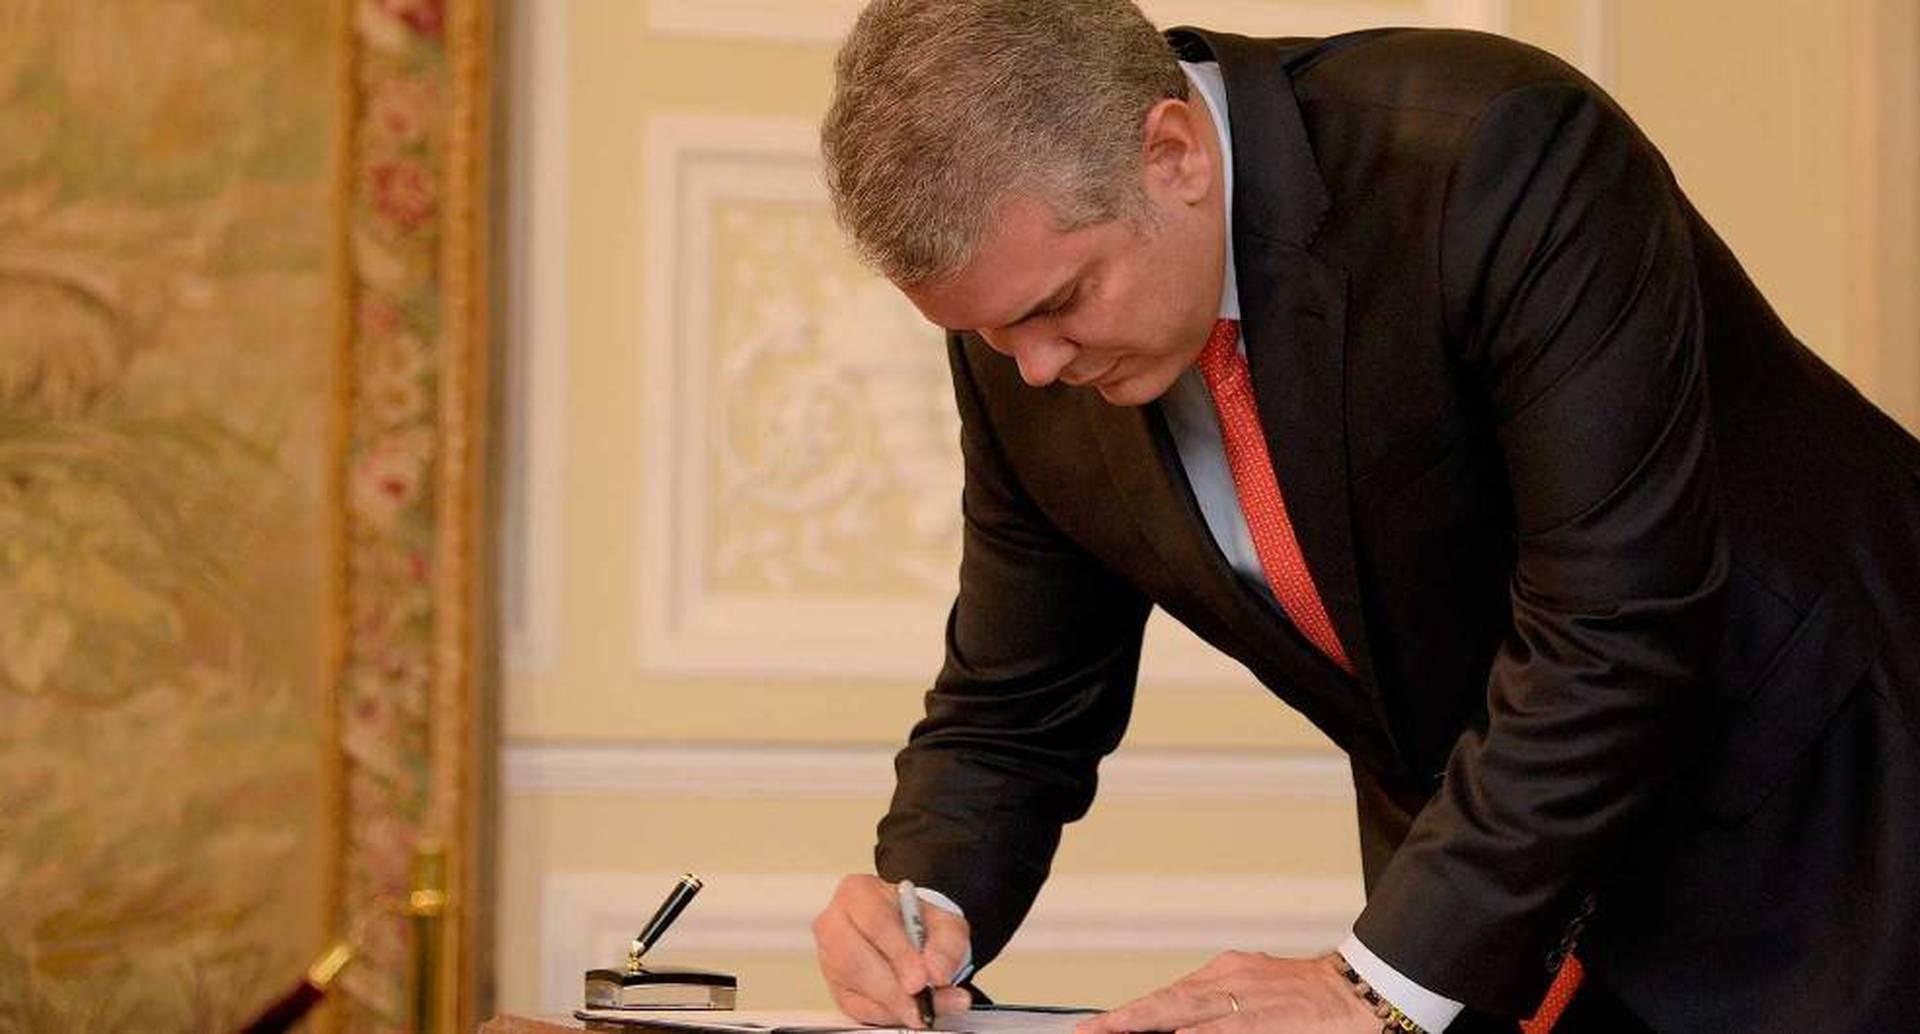 El presidente Duque había firmado un decreto para brindar subsidios de agua, alcantarillado y aseo.